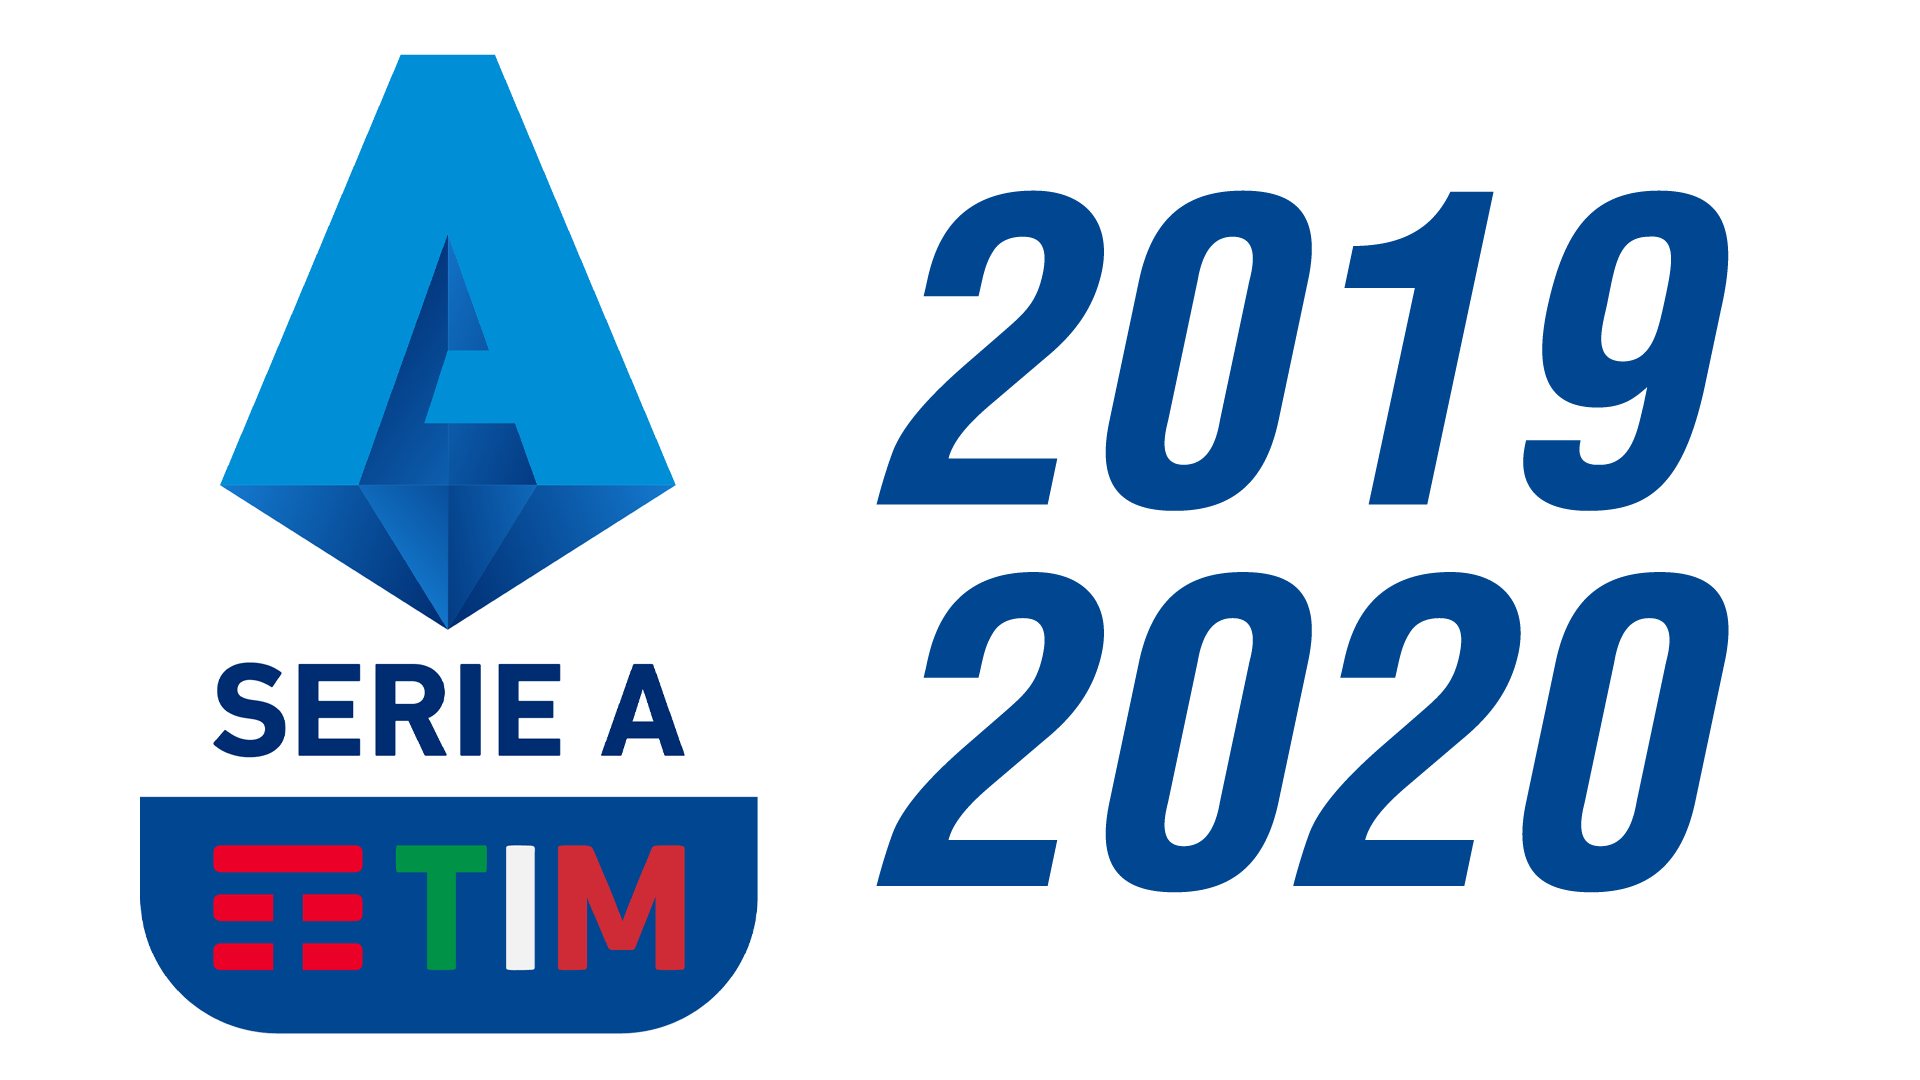 Calendario Serie Aa.Calendario Serie A 2019 2020 Quando E Dove Vedere Le